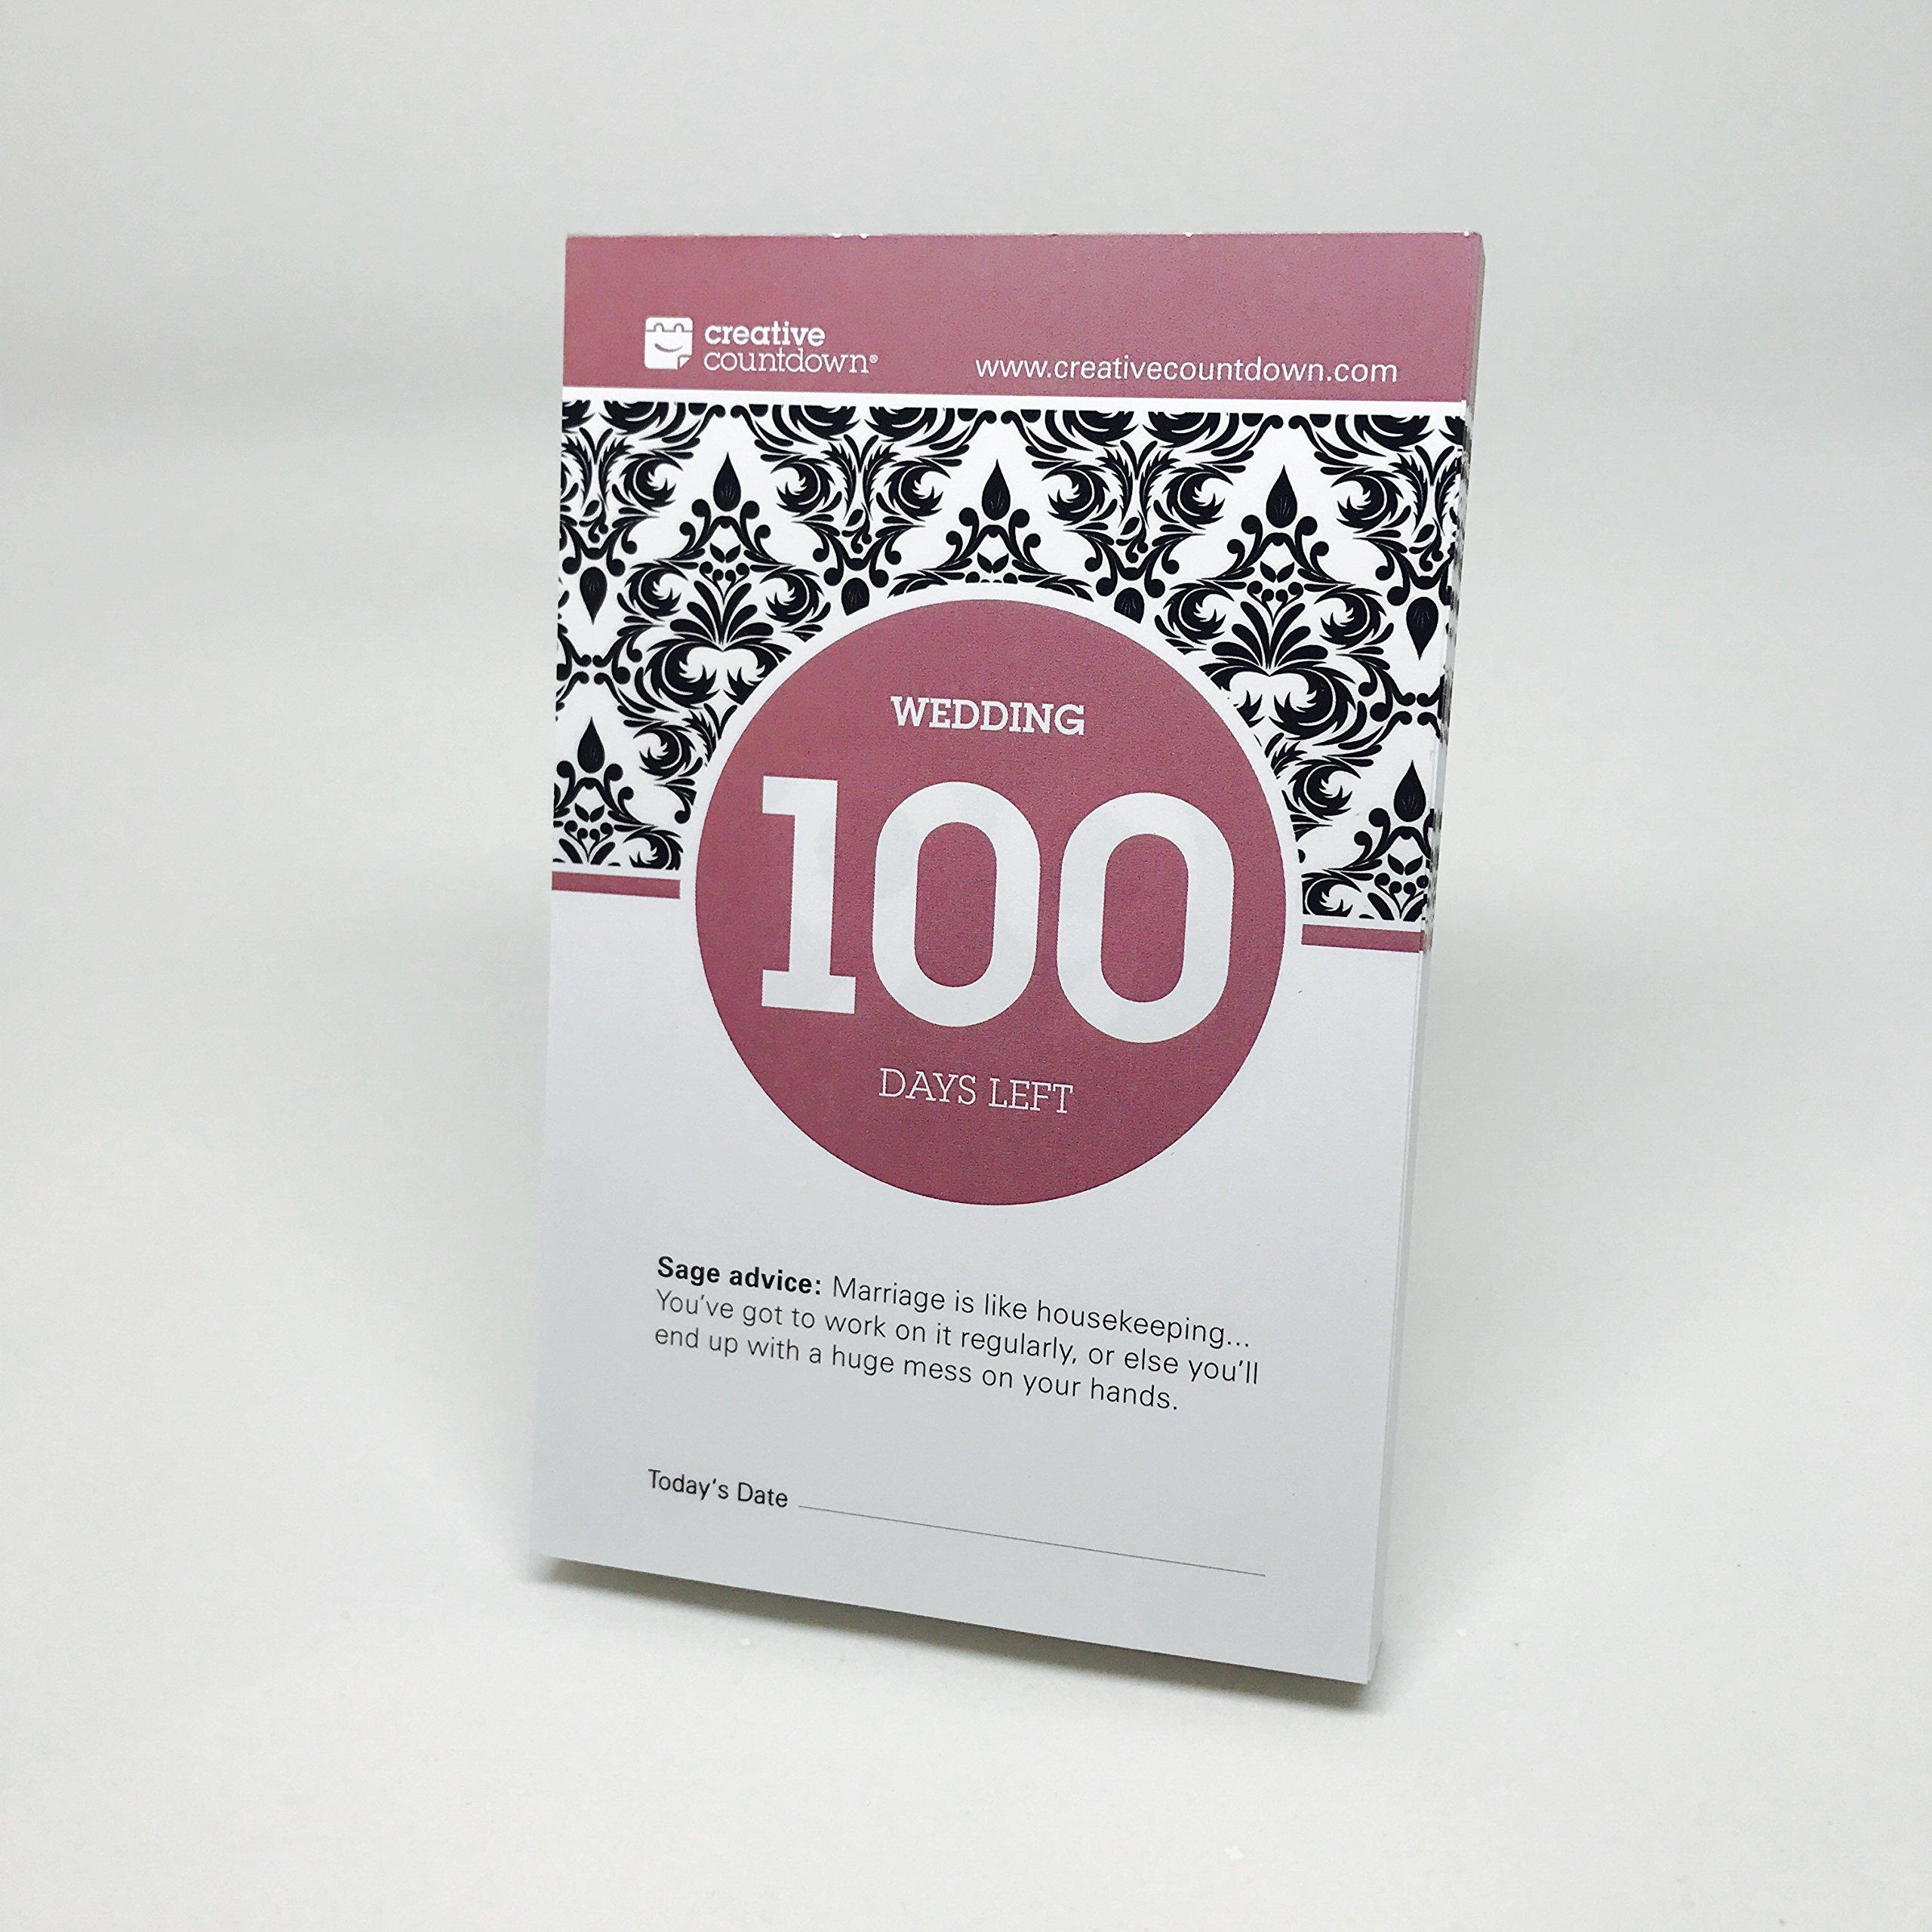 100-day Wedding Countdown tear-off calendar